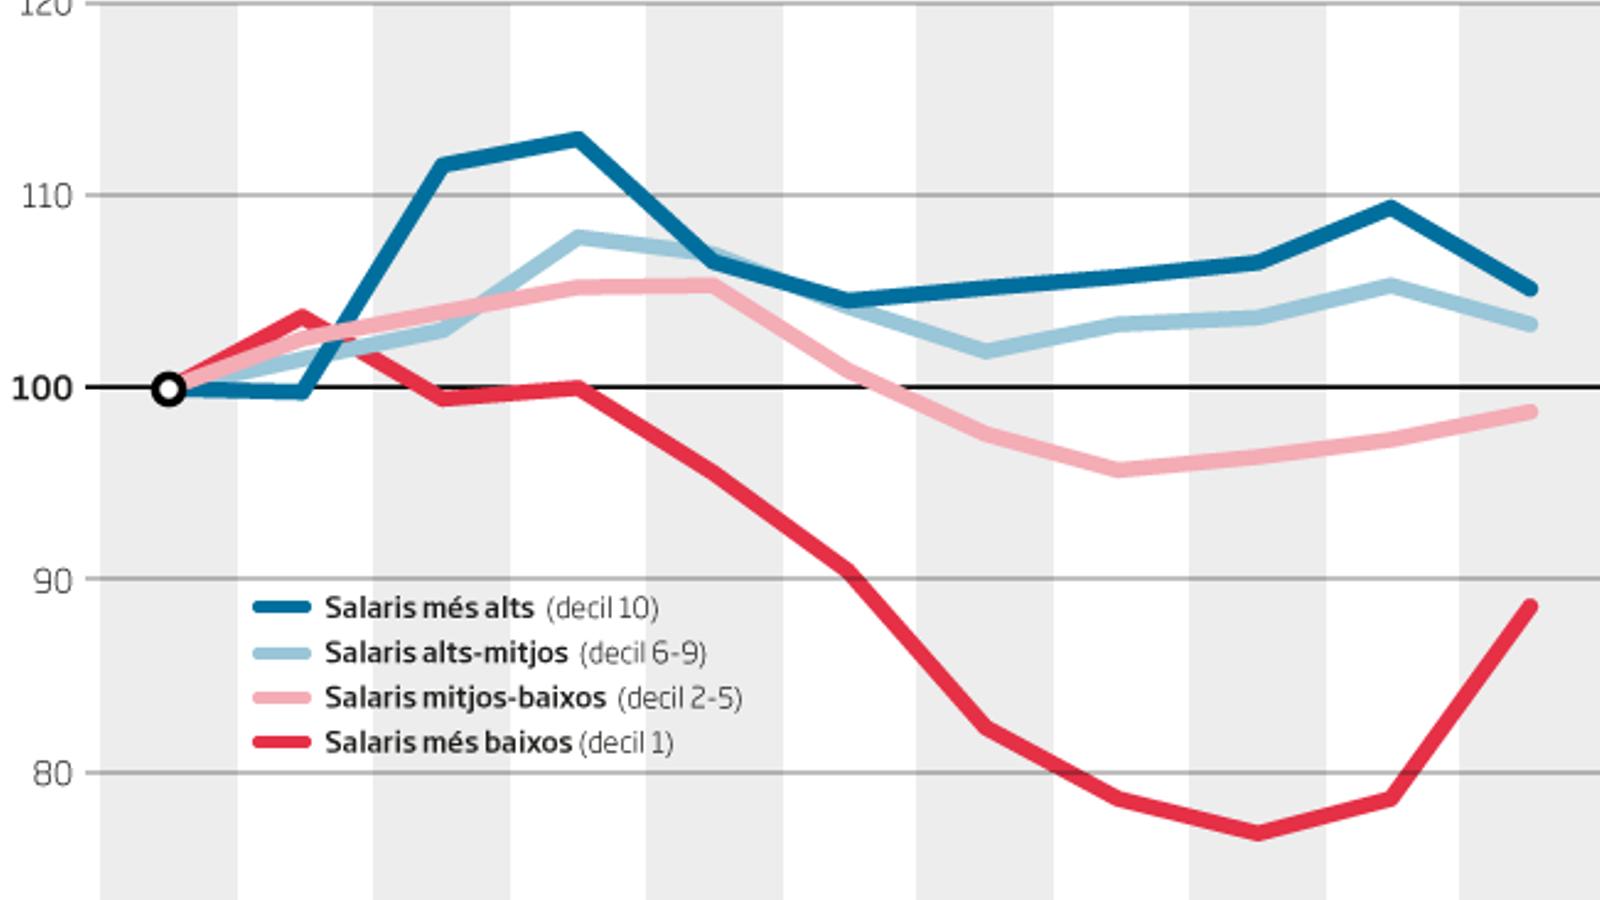 Balanç de la crisi: els sous més baixos són un 10% inferiors